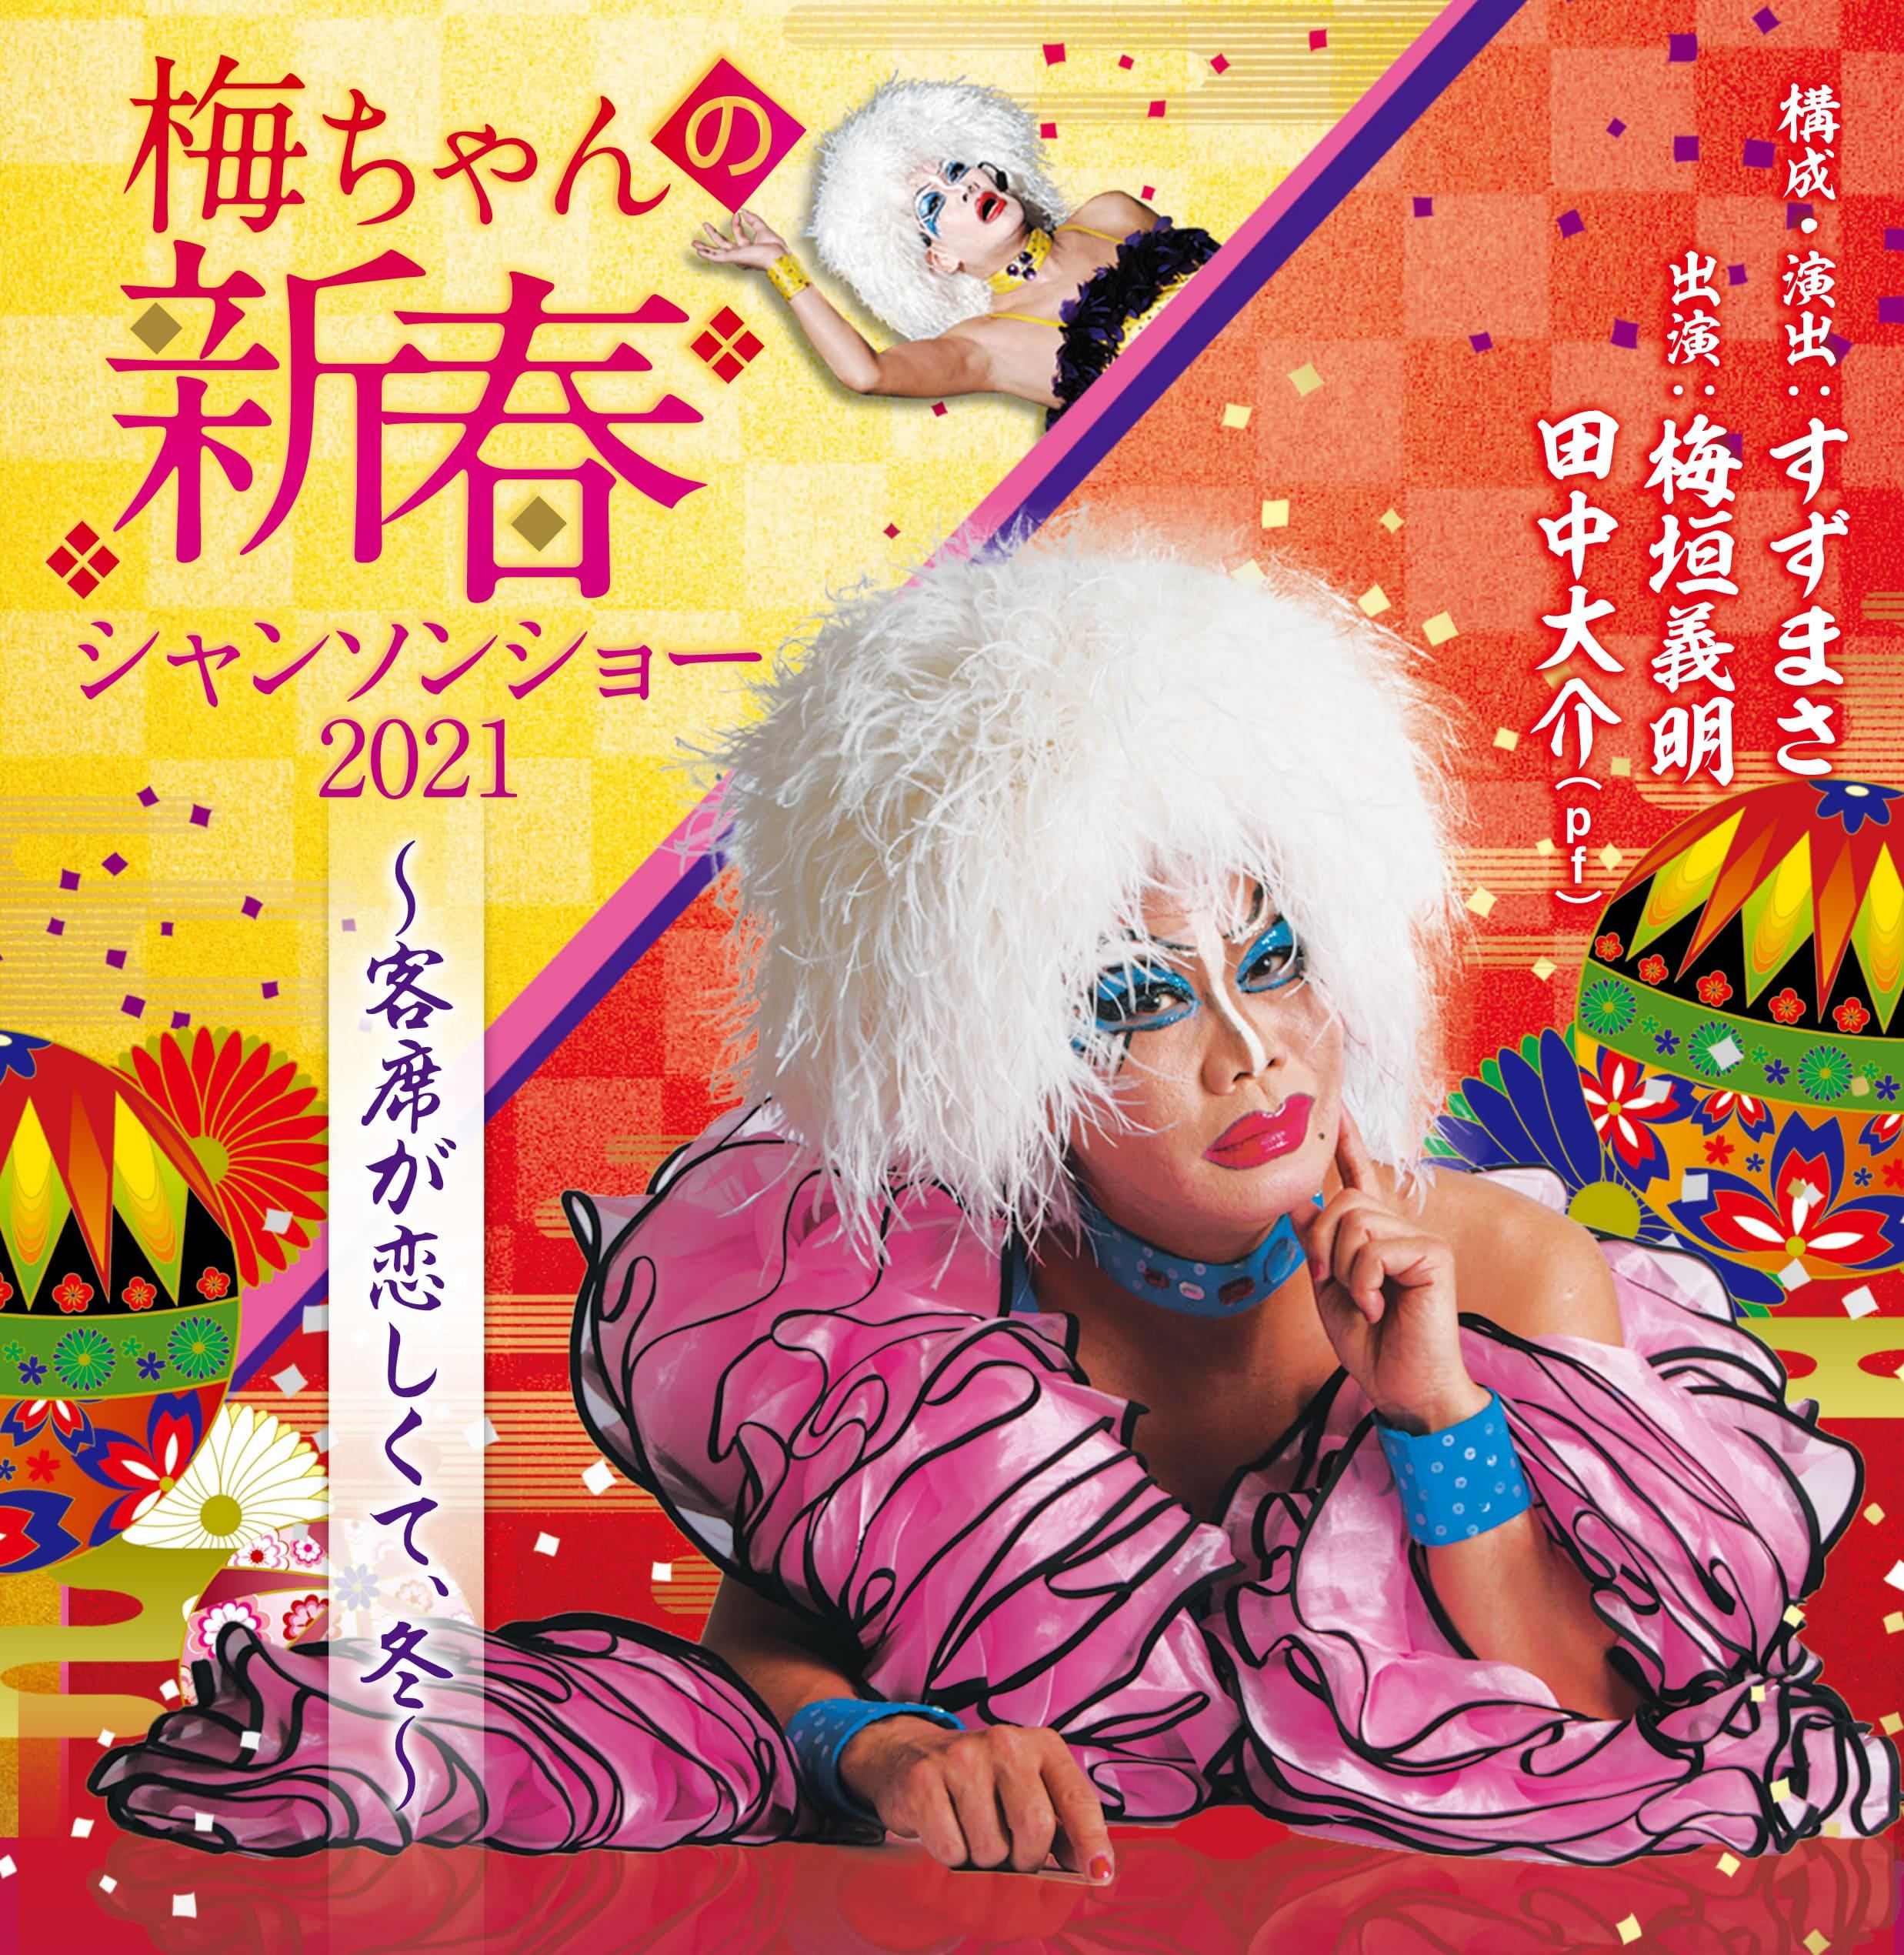 【延期となりました】梅ちゃんの新春シャンソンショー2021~客席が恋しくて、冬~ (大阪公演) 画像1